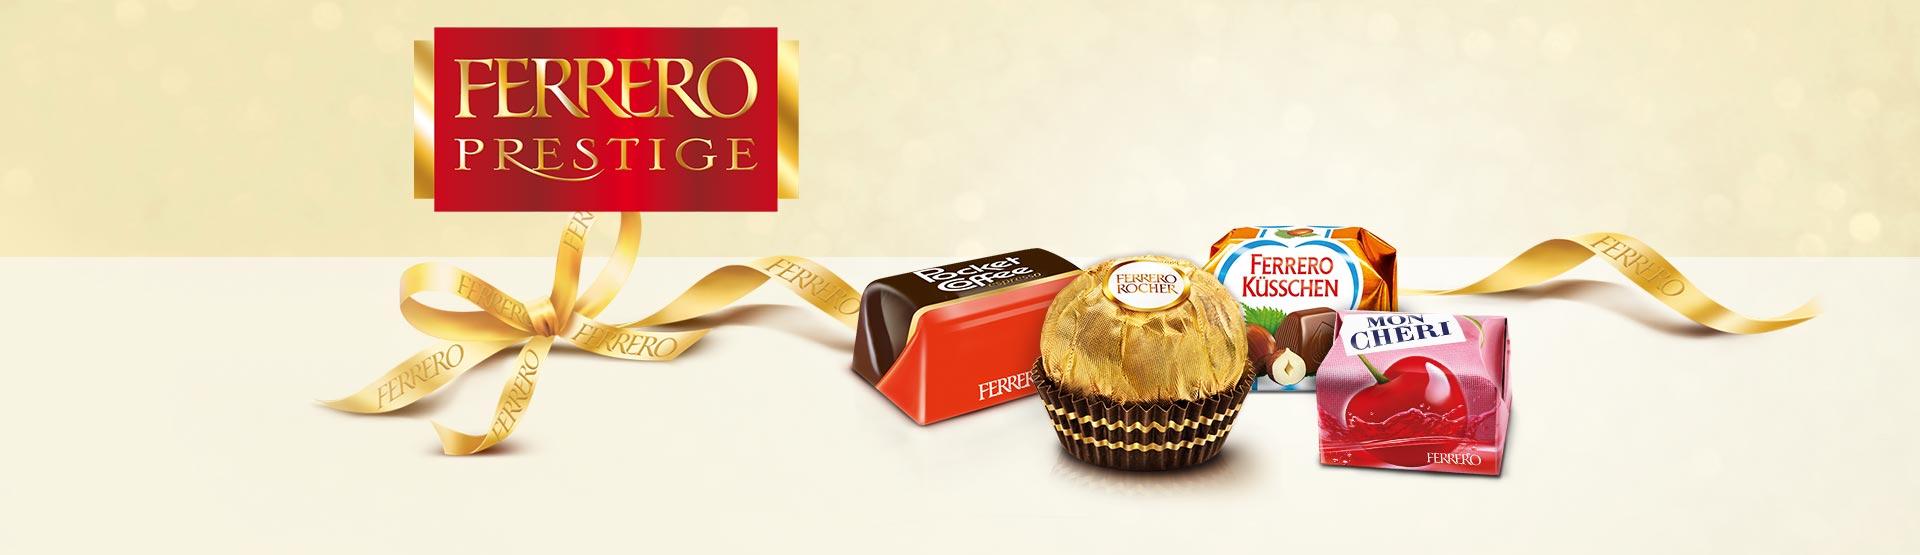 ferrero-cioccolato